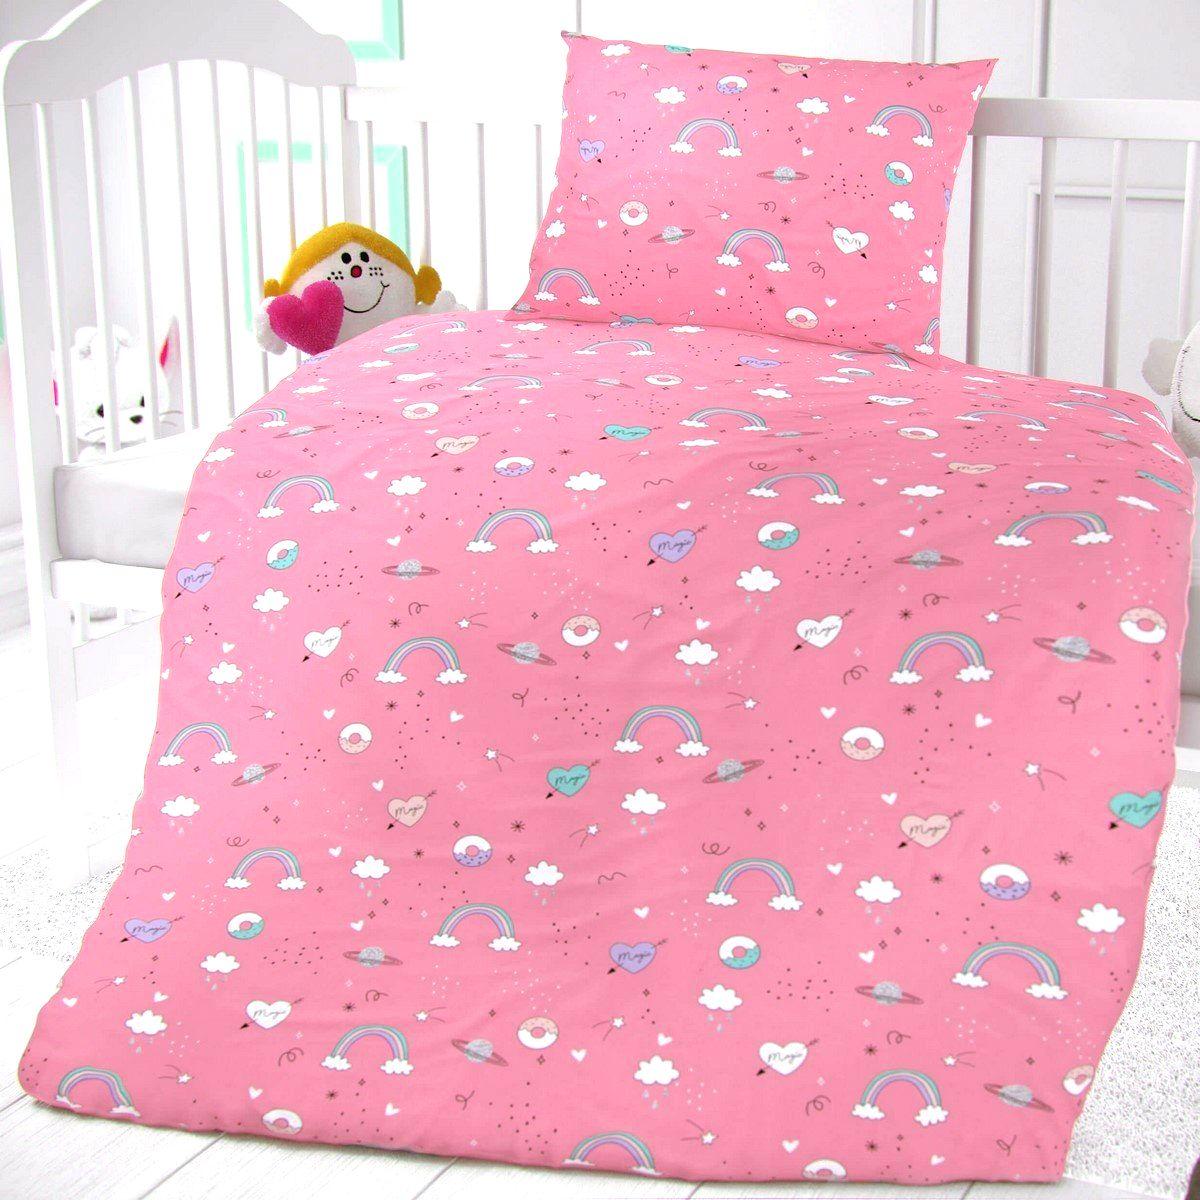 Kvalitex Detské bavlnené obliečky do postieľky Obláčiky ružová